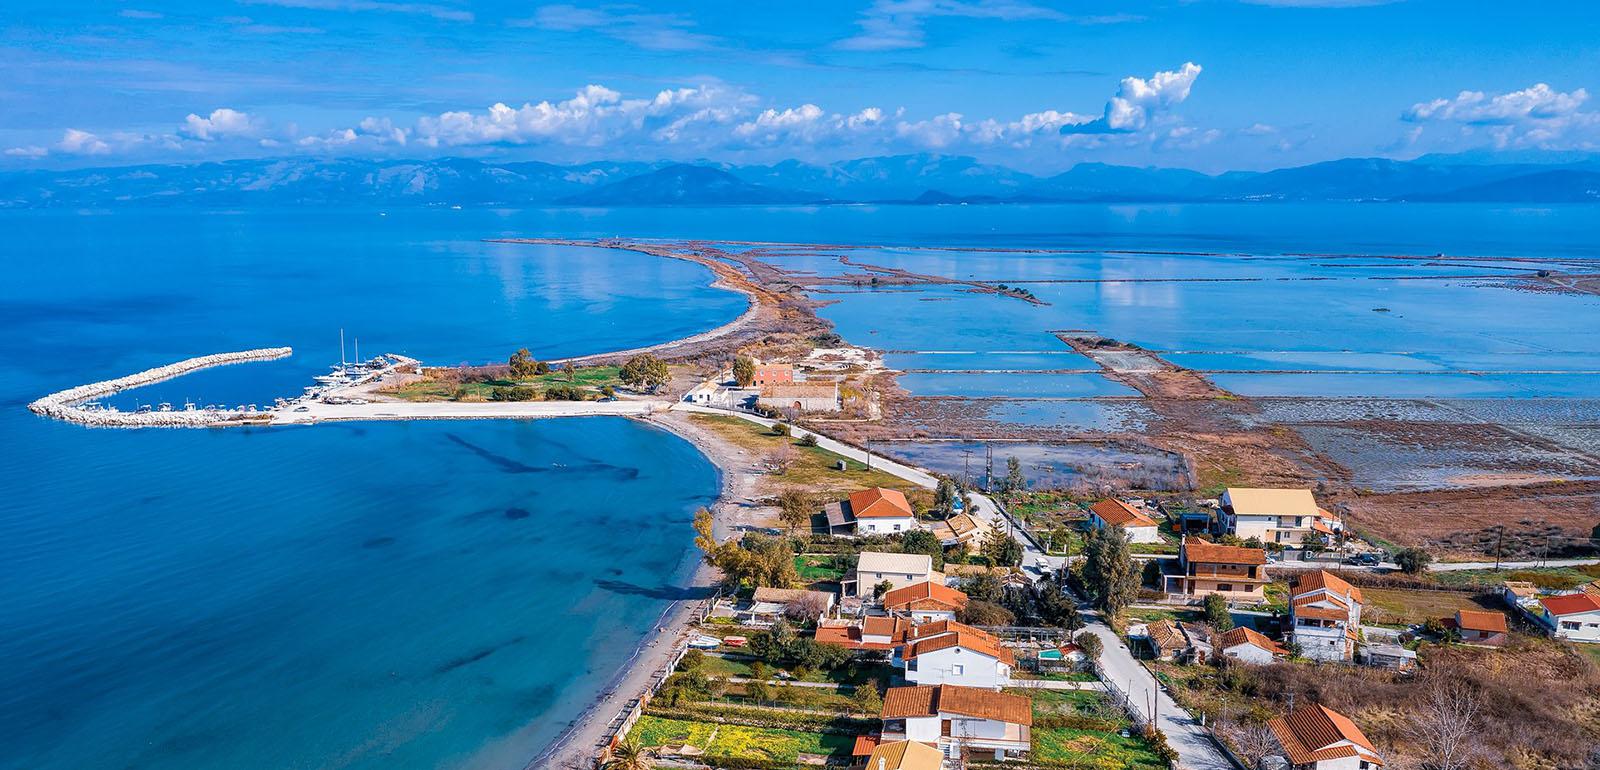 Δημος Νότιας Κέρκυρας Δήμος Νότιας Κέρκυρας προσλαμβάνει 17 άτομα